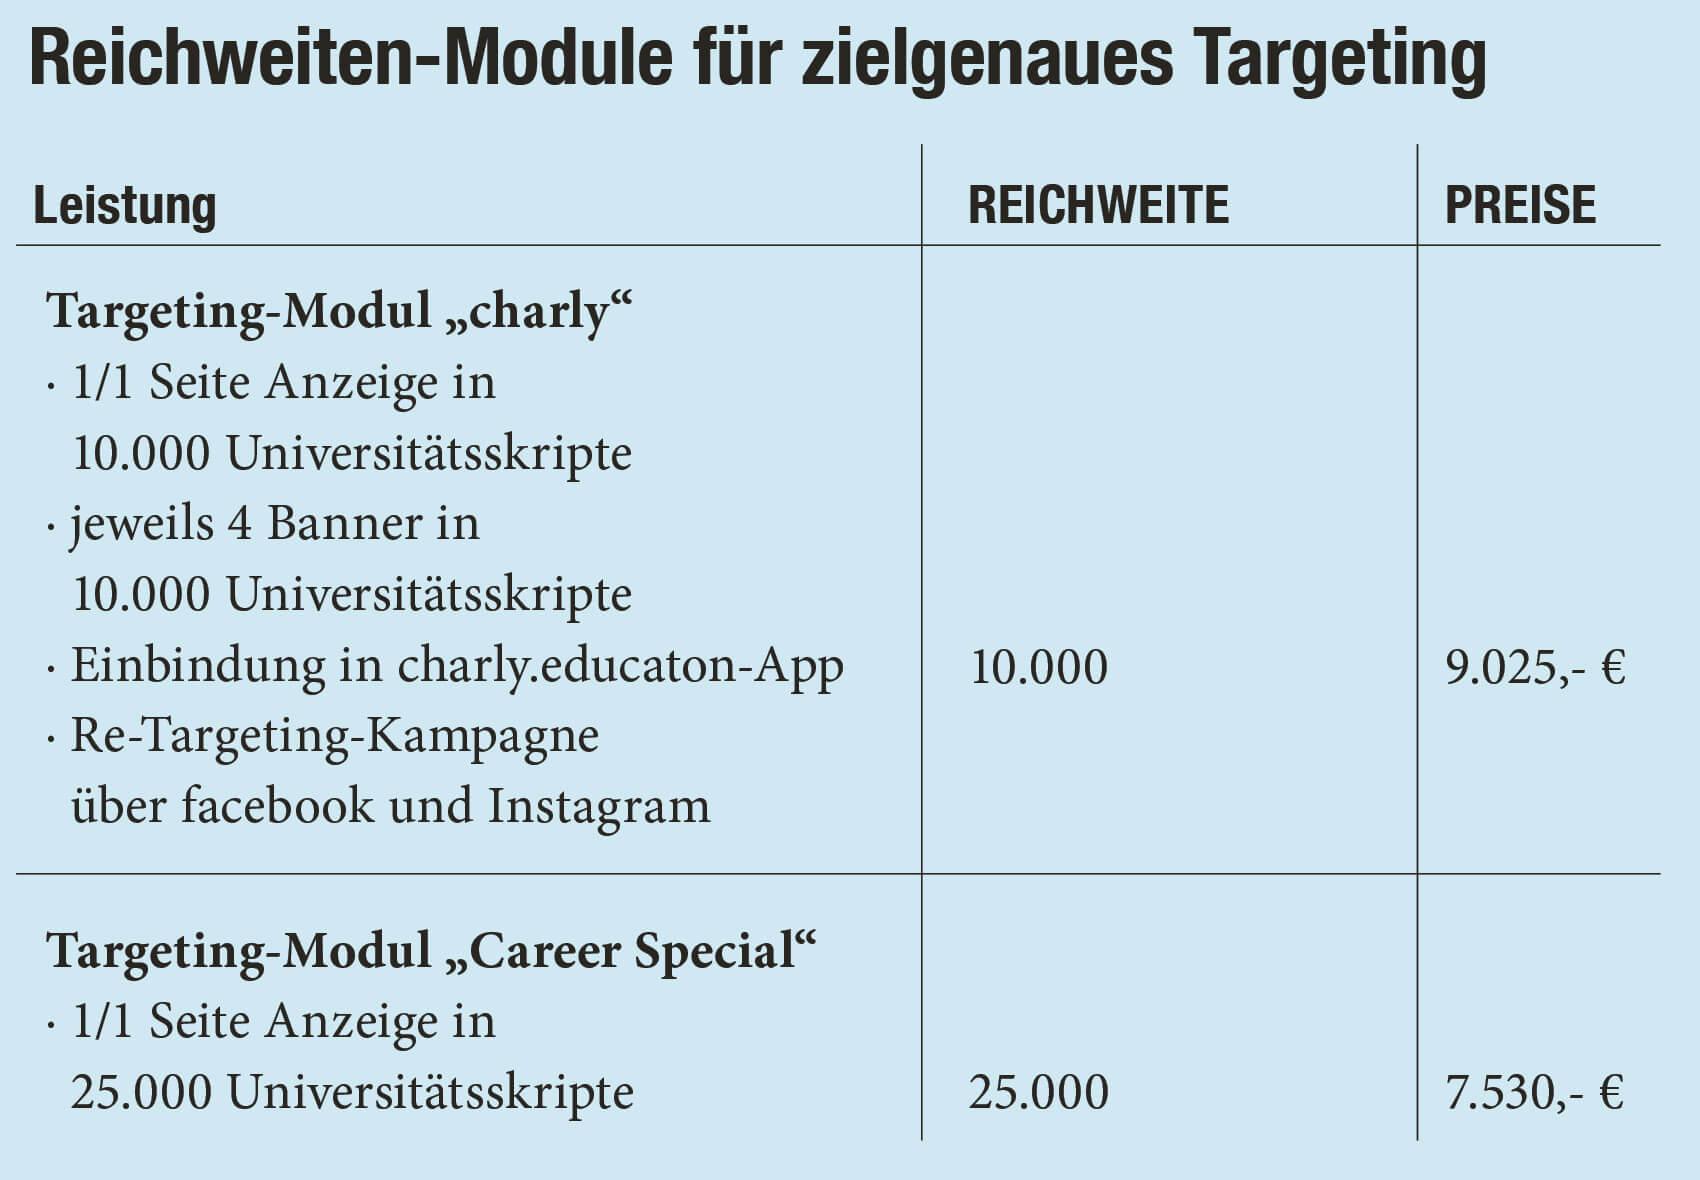 Reichweiten-Modul charly.education.jpg